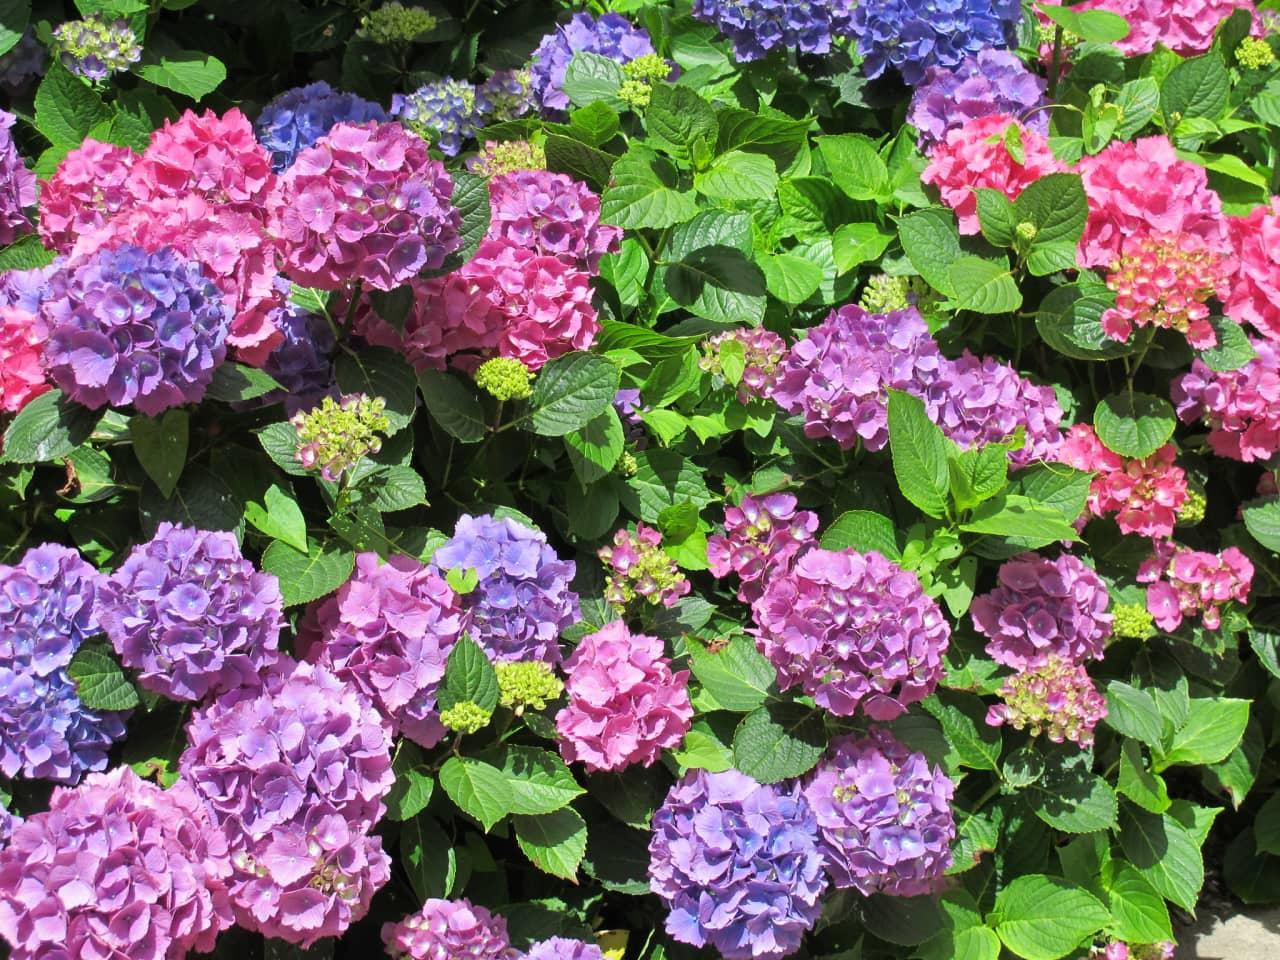 - Nguồn gốc: hoa có xuất xứ từ Nhật Bản